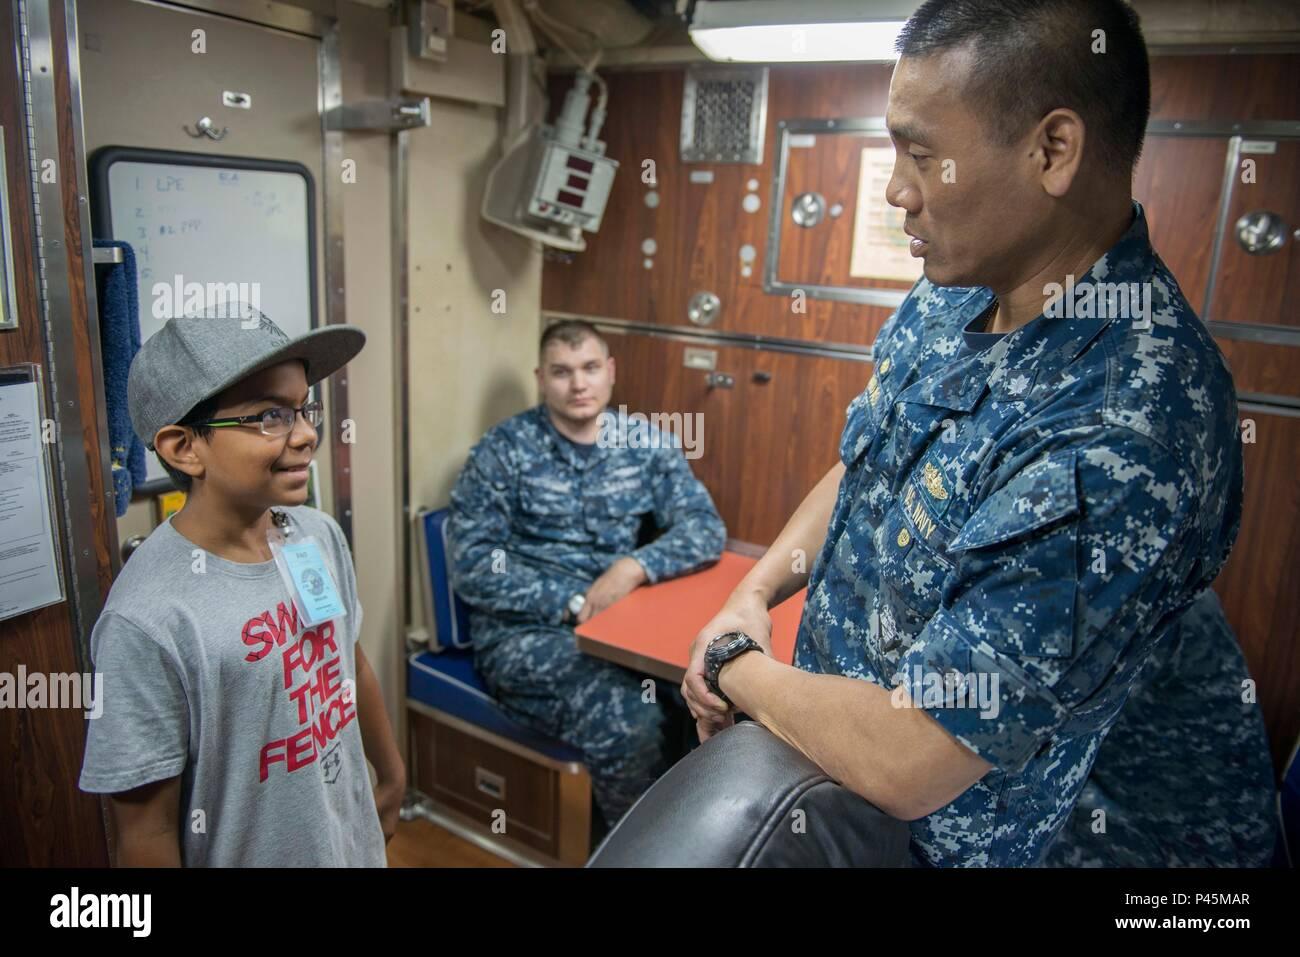 """BANGOR, Washington (Junio 28, 2016) - Cmdr. Melvyn Naidas, USS Louisiana (SSBN 743) Oro oficial comandante de la tripulación, habla con Hunter Smith, de la Sociedad de Leucemia y Linfoma de """"Chico del Año"""", durante una excursión de la clase Ohio de misiles balísticos en la Base Naval de submarinos Kitsap - Bangor. Smith, quien fue diagnosticado con leucemia linfoblástica aguda a la edad de dos años, fue declarado libre de cáncer en 2012 y aspira a convertirse en un marinero cuando crezca. (Ee.Uu. Navy photo by jefe especialista en comunicación de masas Kenneth G. Takada/liberado) Imagen De Stock"""